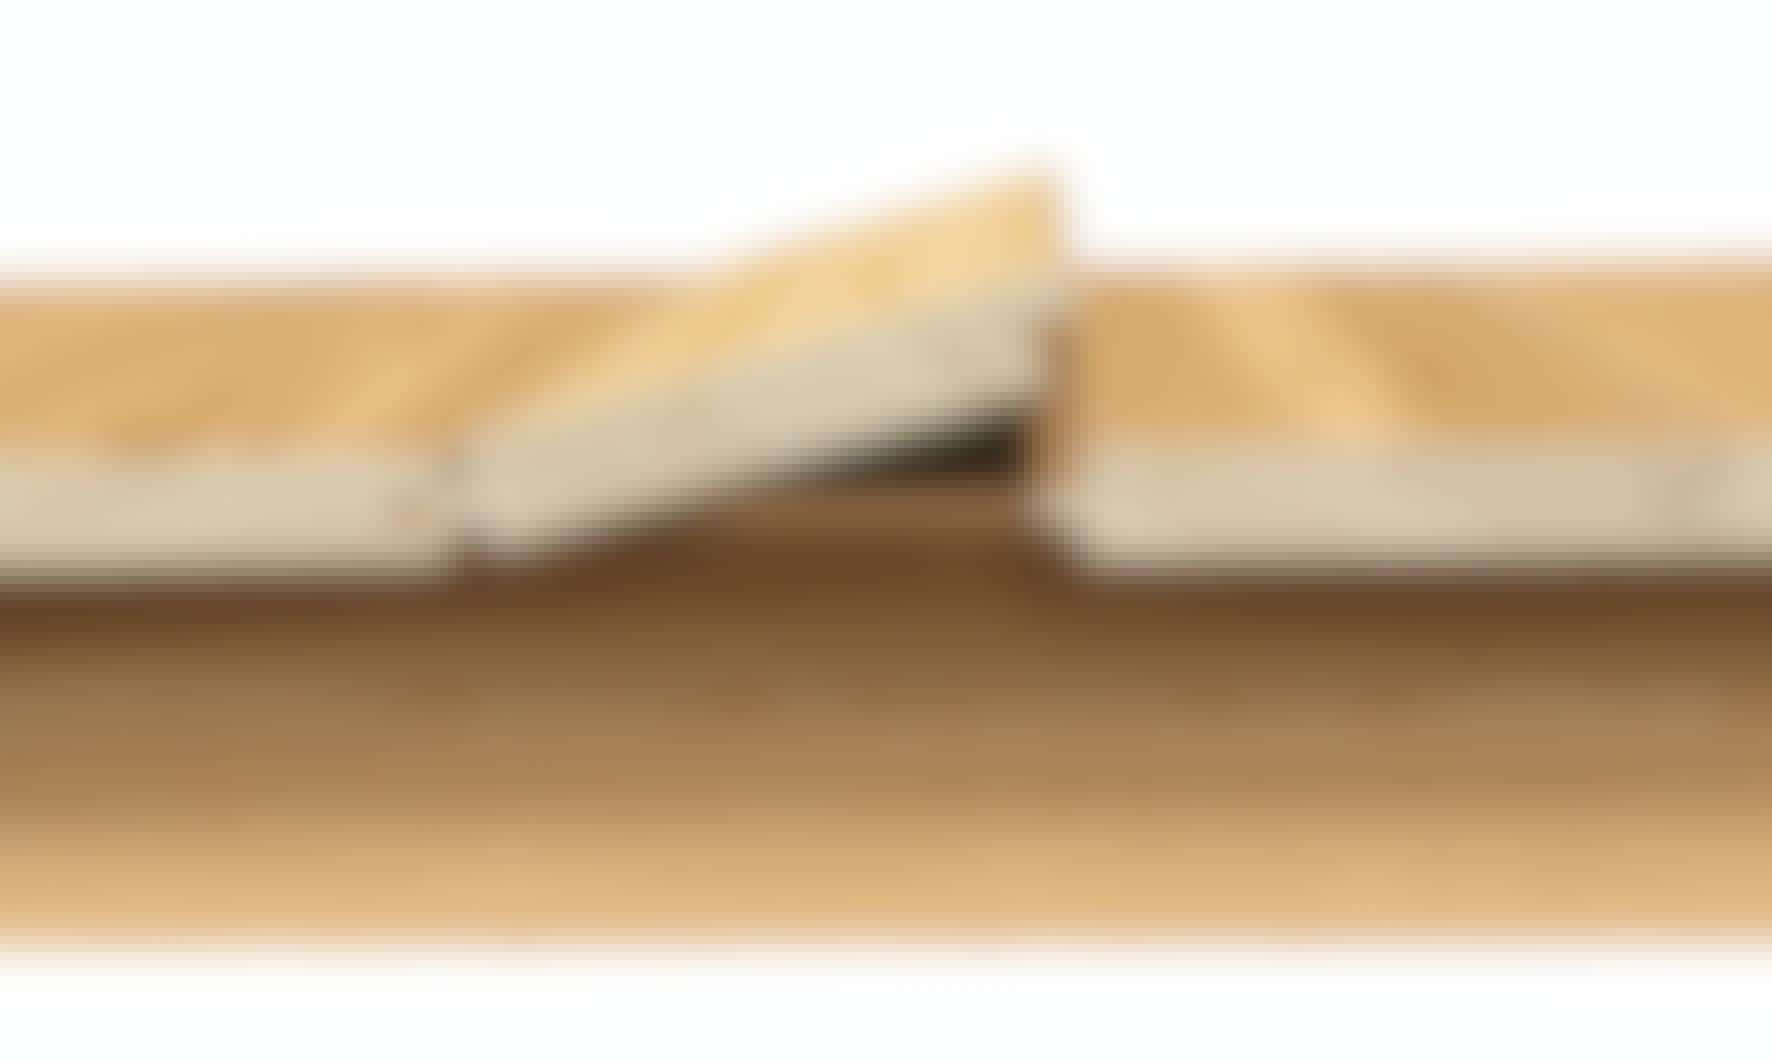 Hvordan skifter jeg et enkelt gulvbræt?